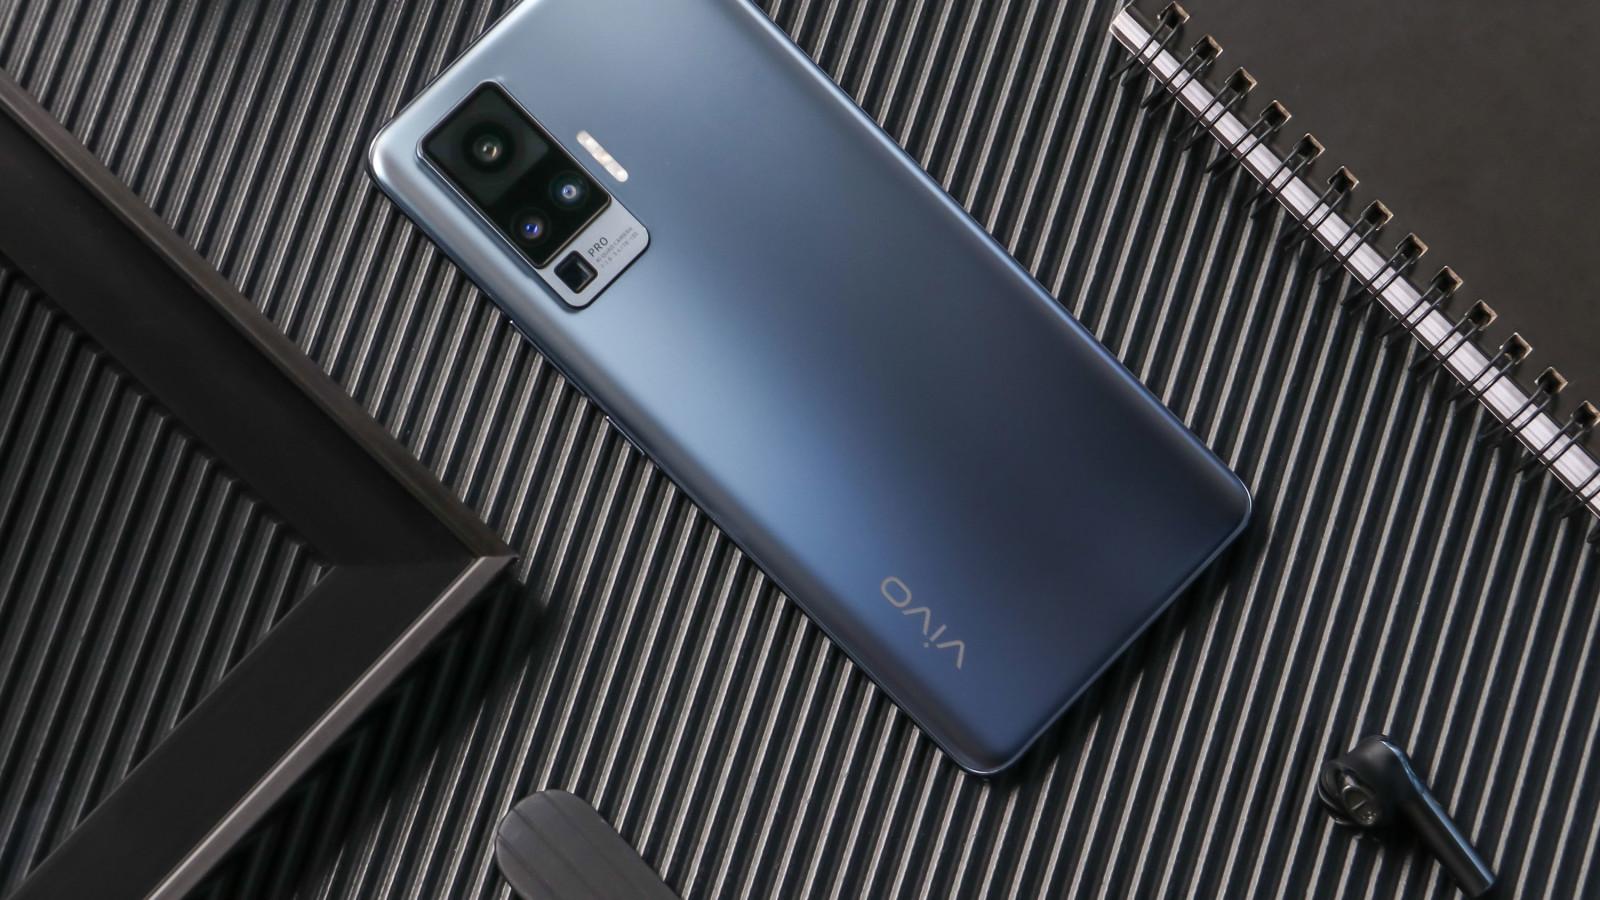 Das Vivo X51 5G kommt nach Deutschland